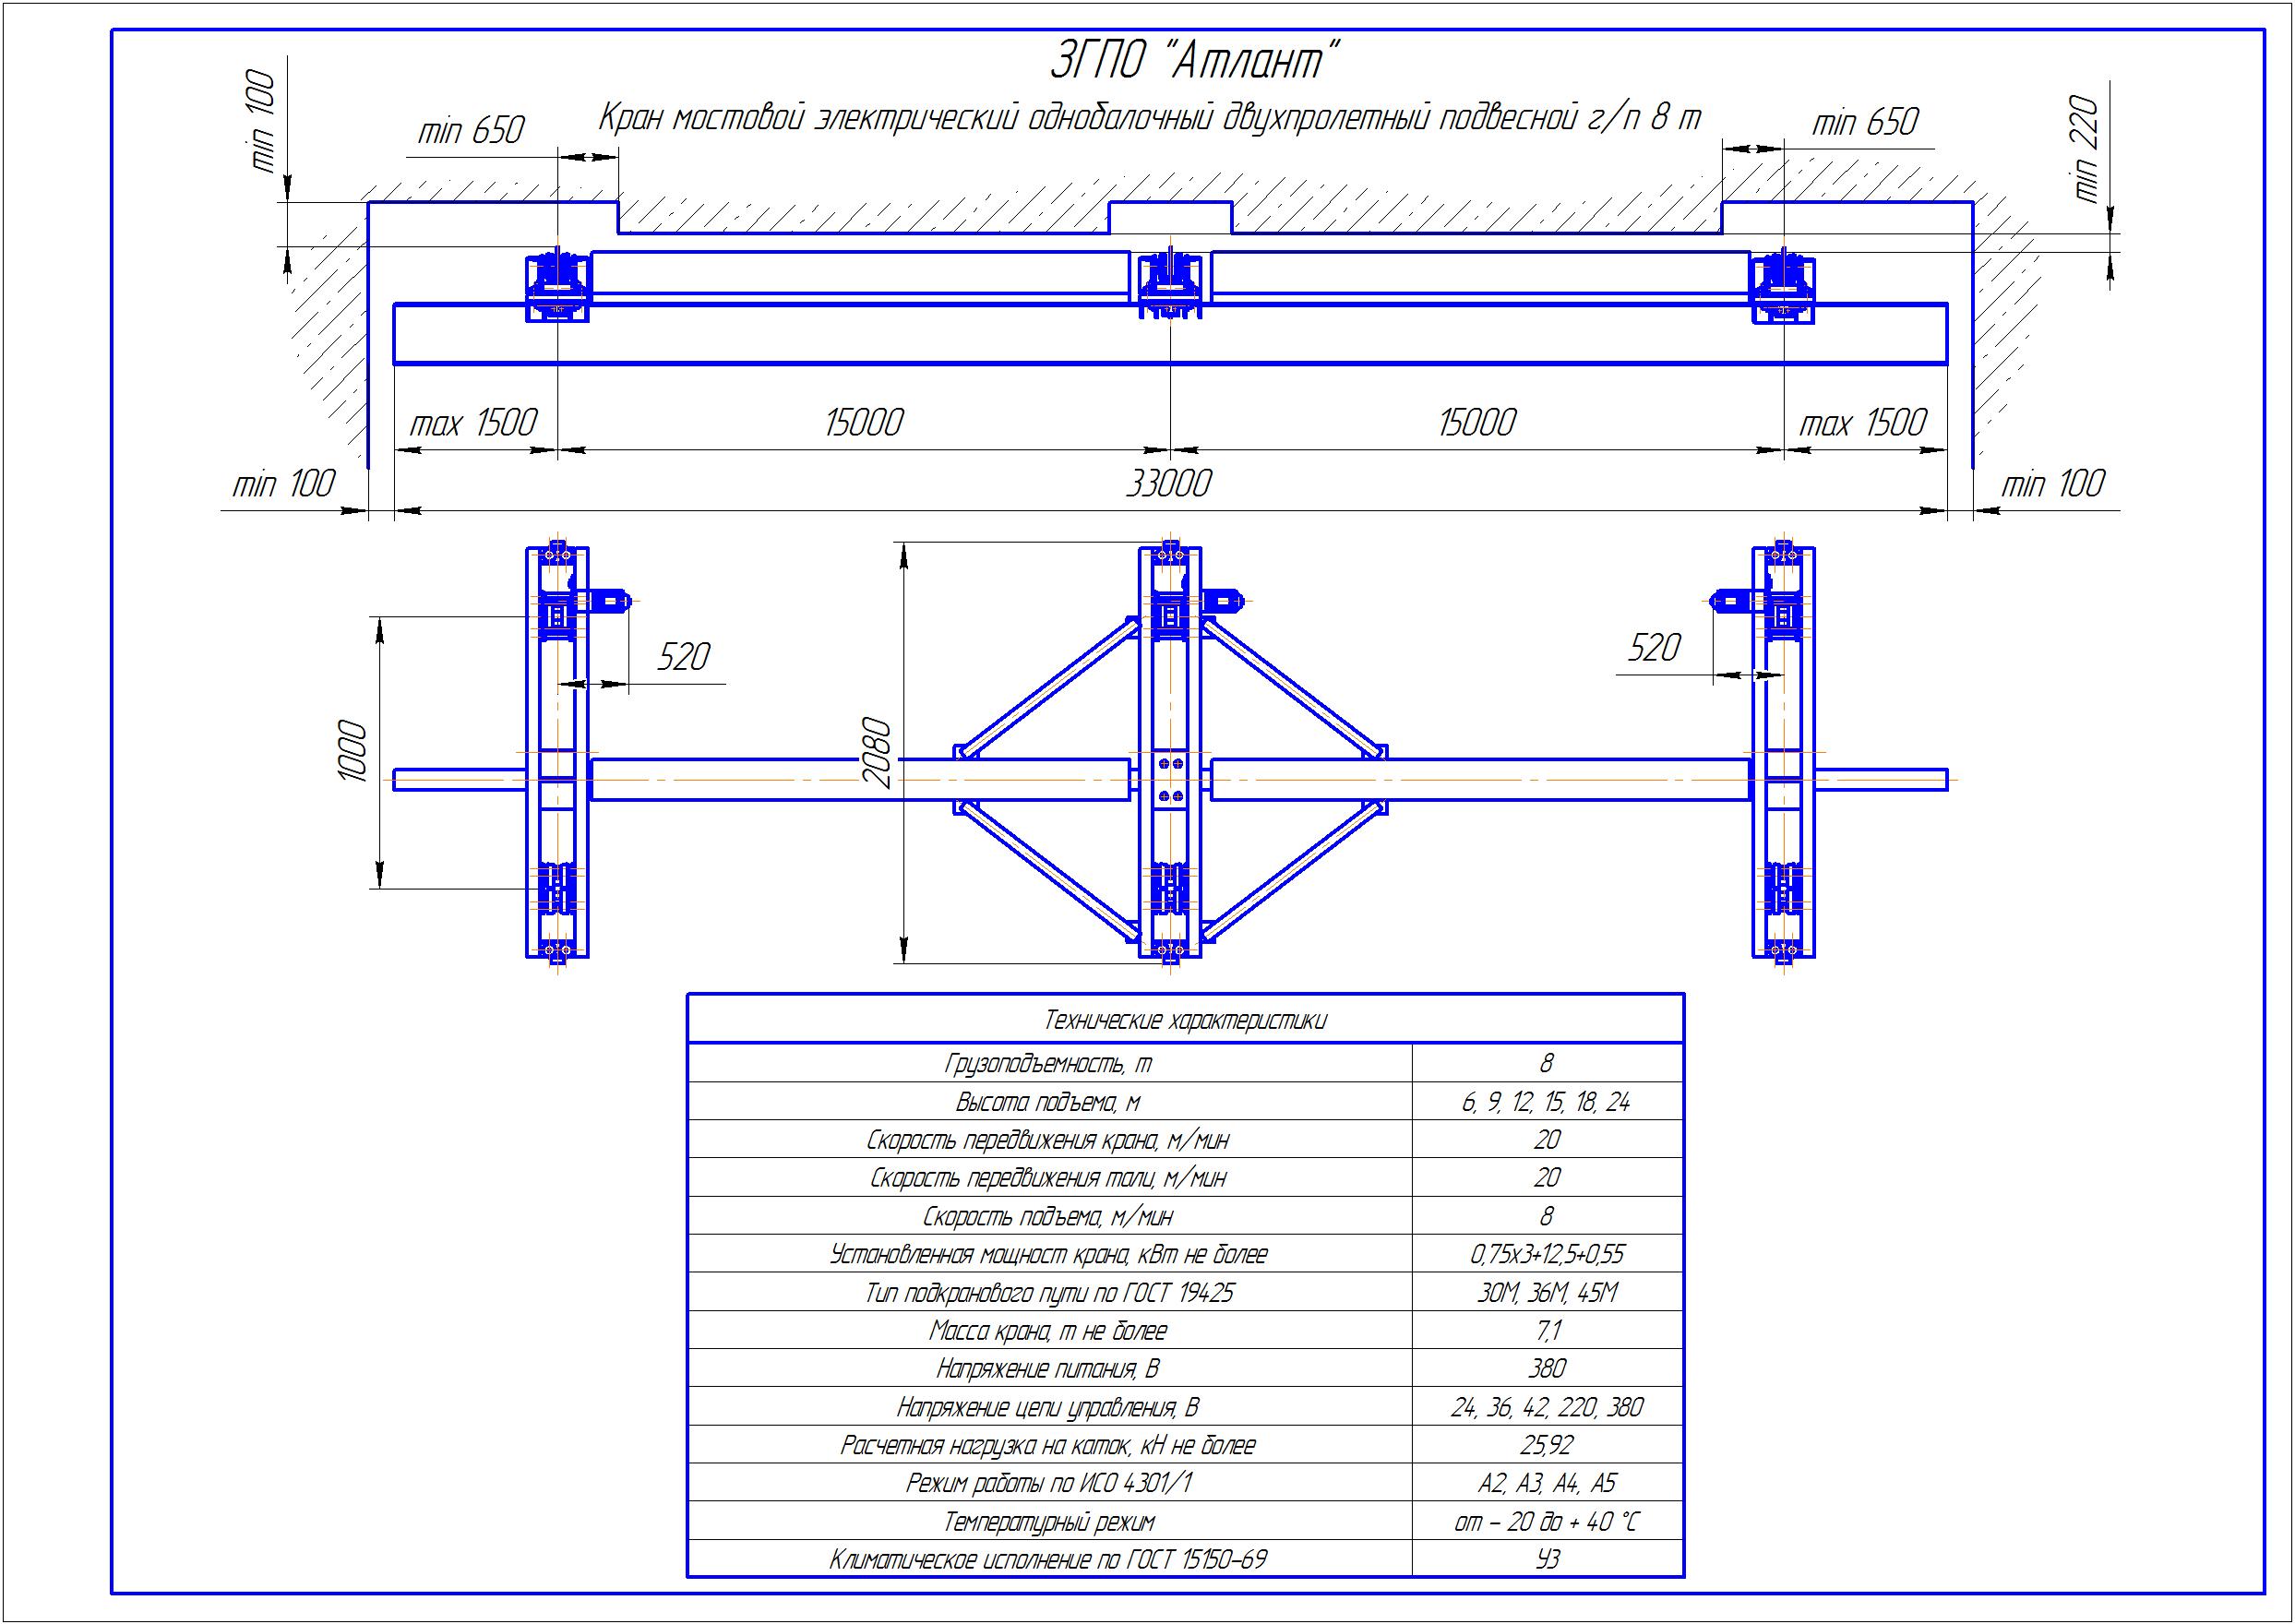 KBPD 6 5 - Подвесная кран балка двухпролетная